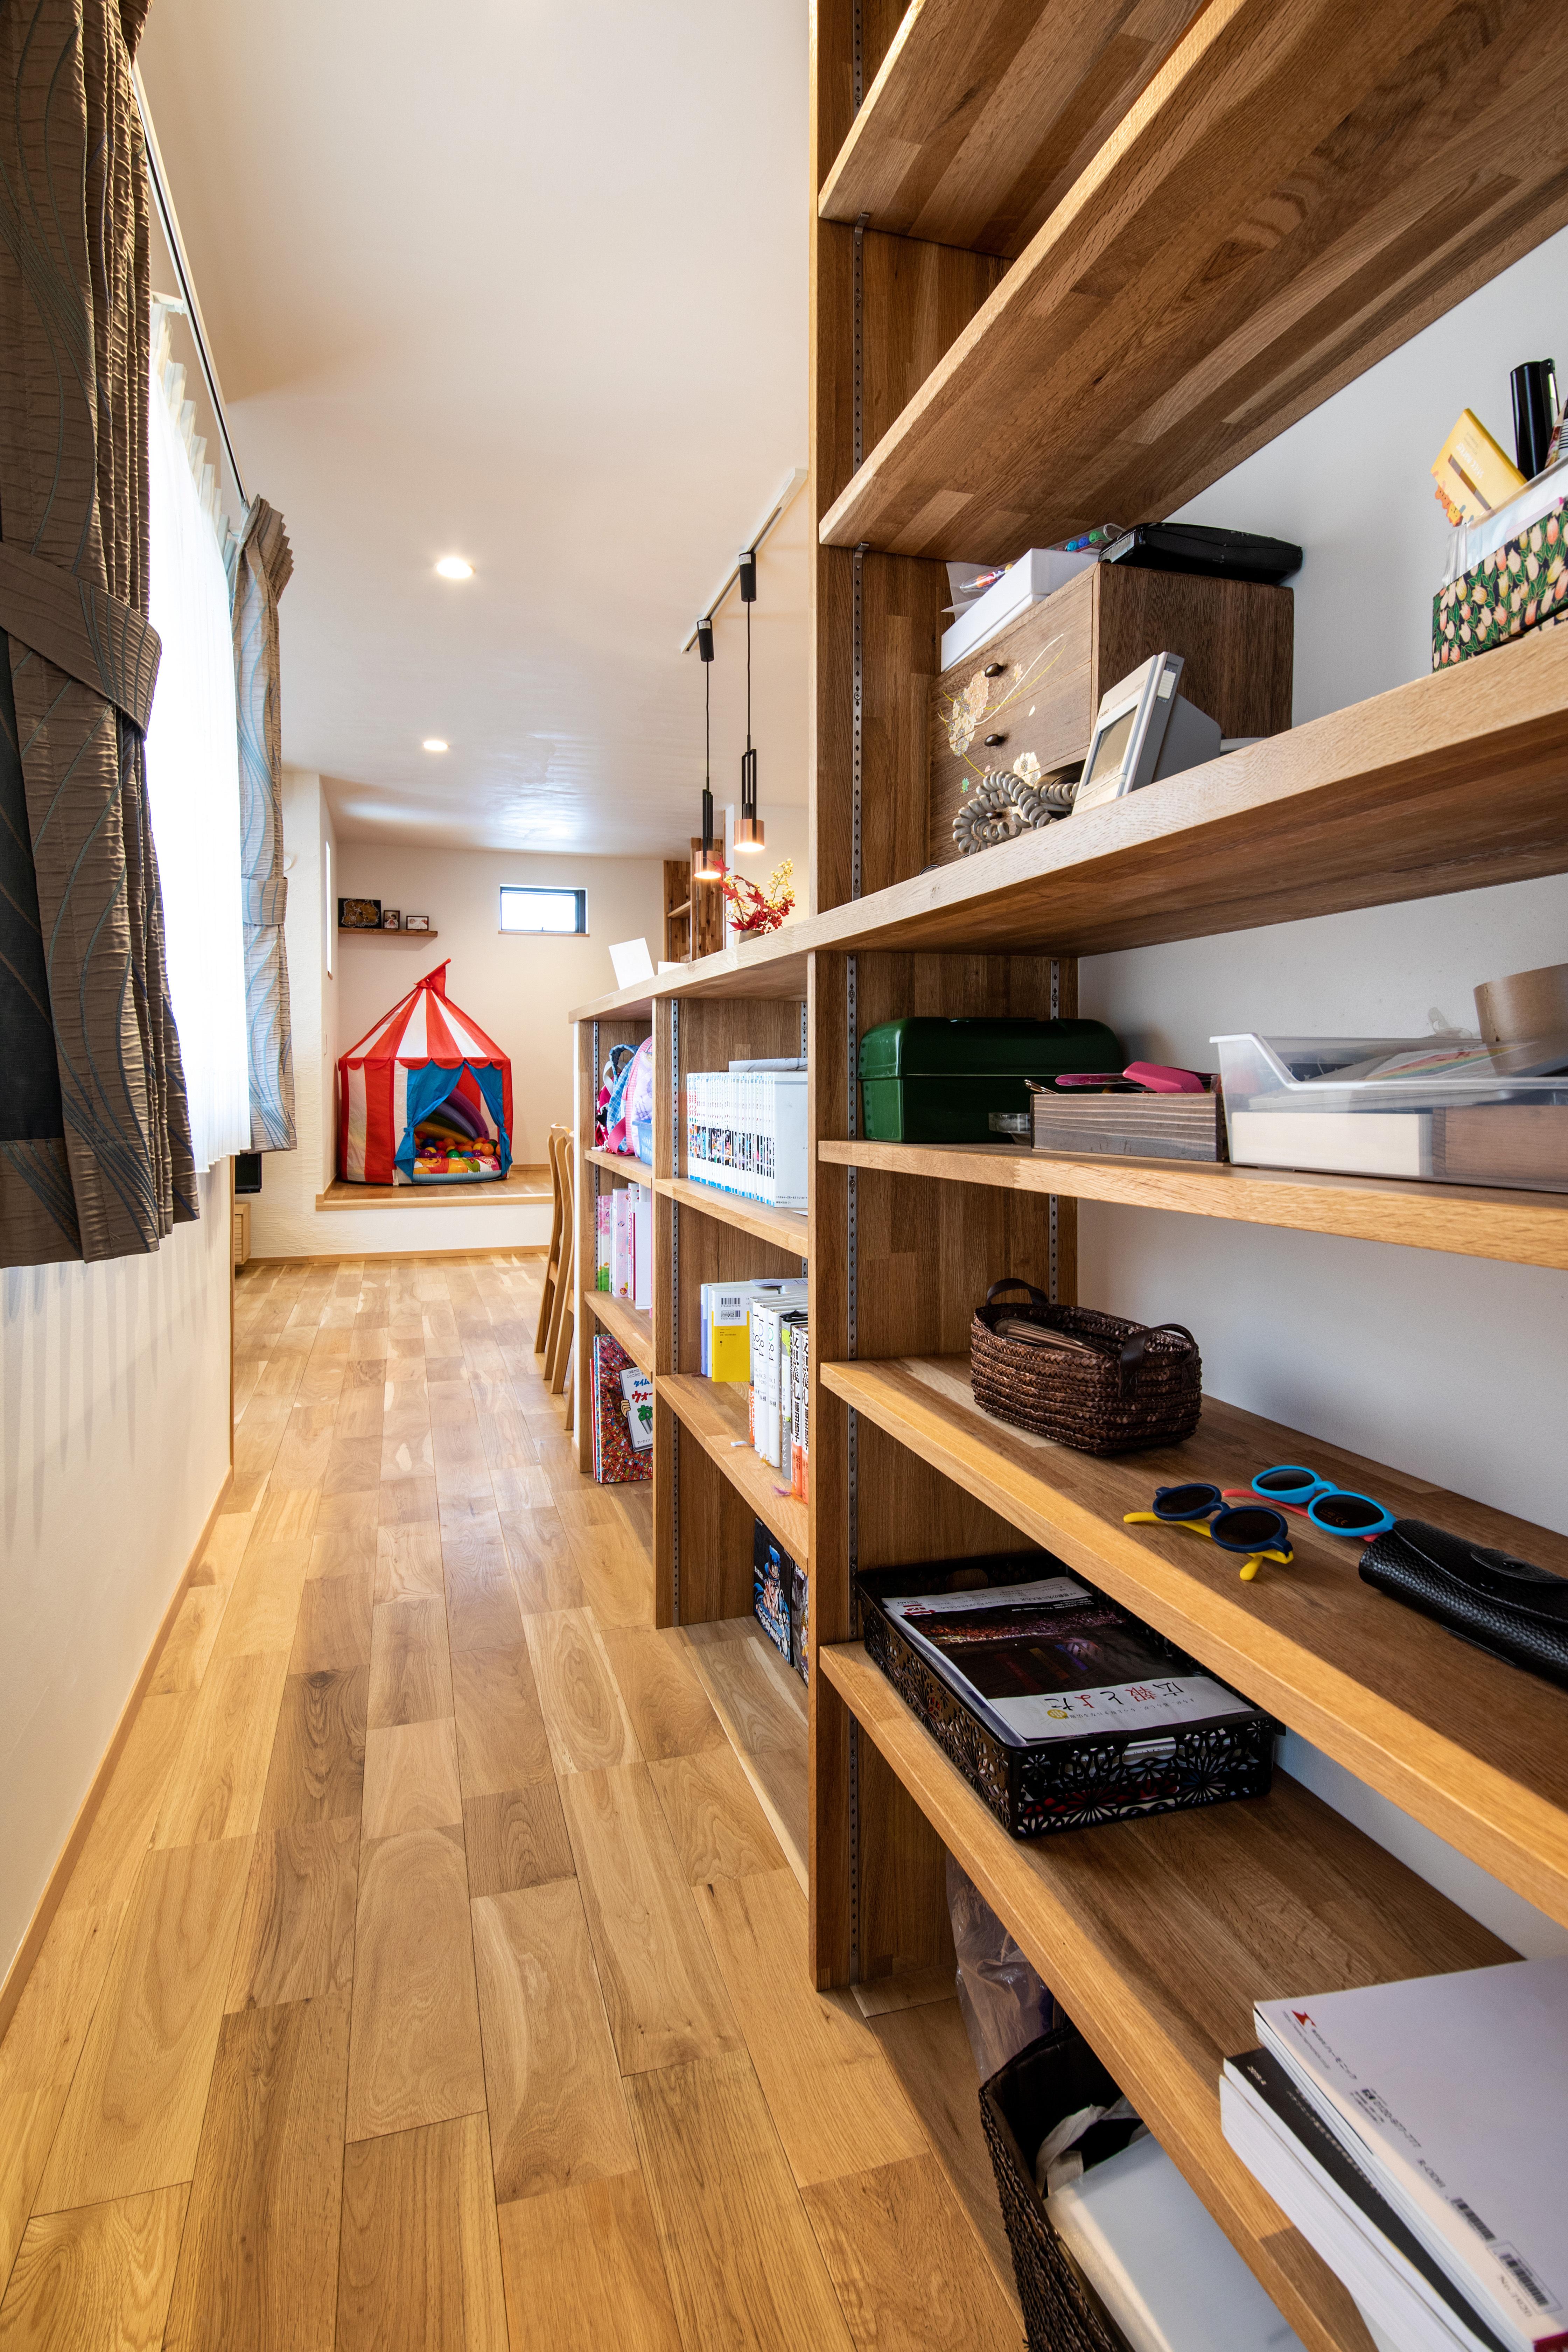 ツリーズ【子育て、自然素材、間取り】子どもの成長に応じて物が増えても、すっきりとした暮らしを保てるよう、家のあちこちに可動式の収納棚をつくった